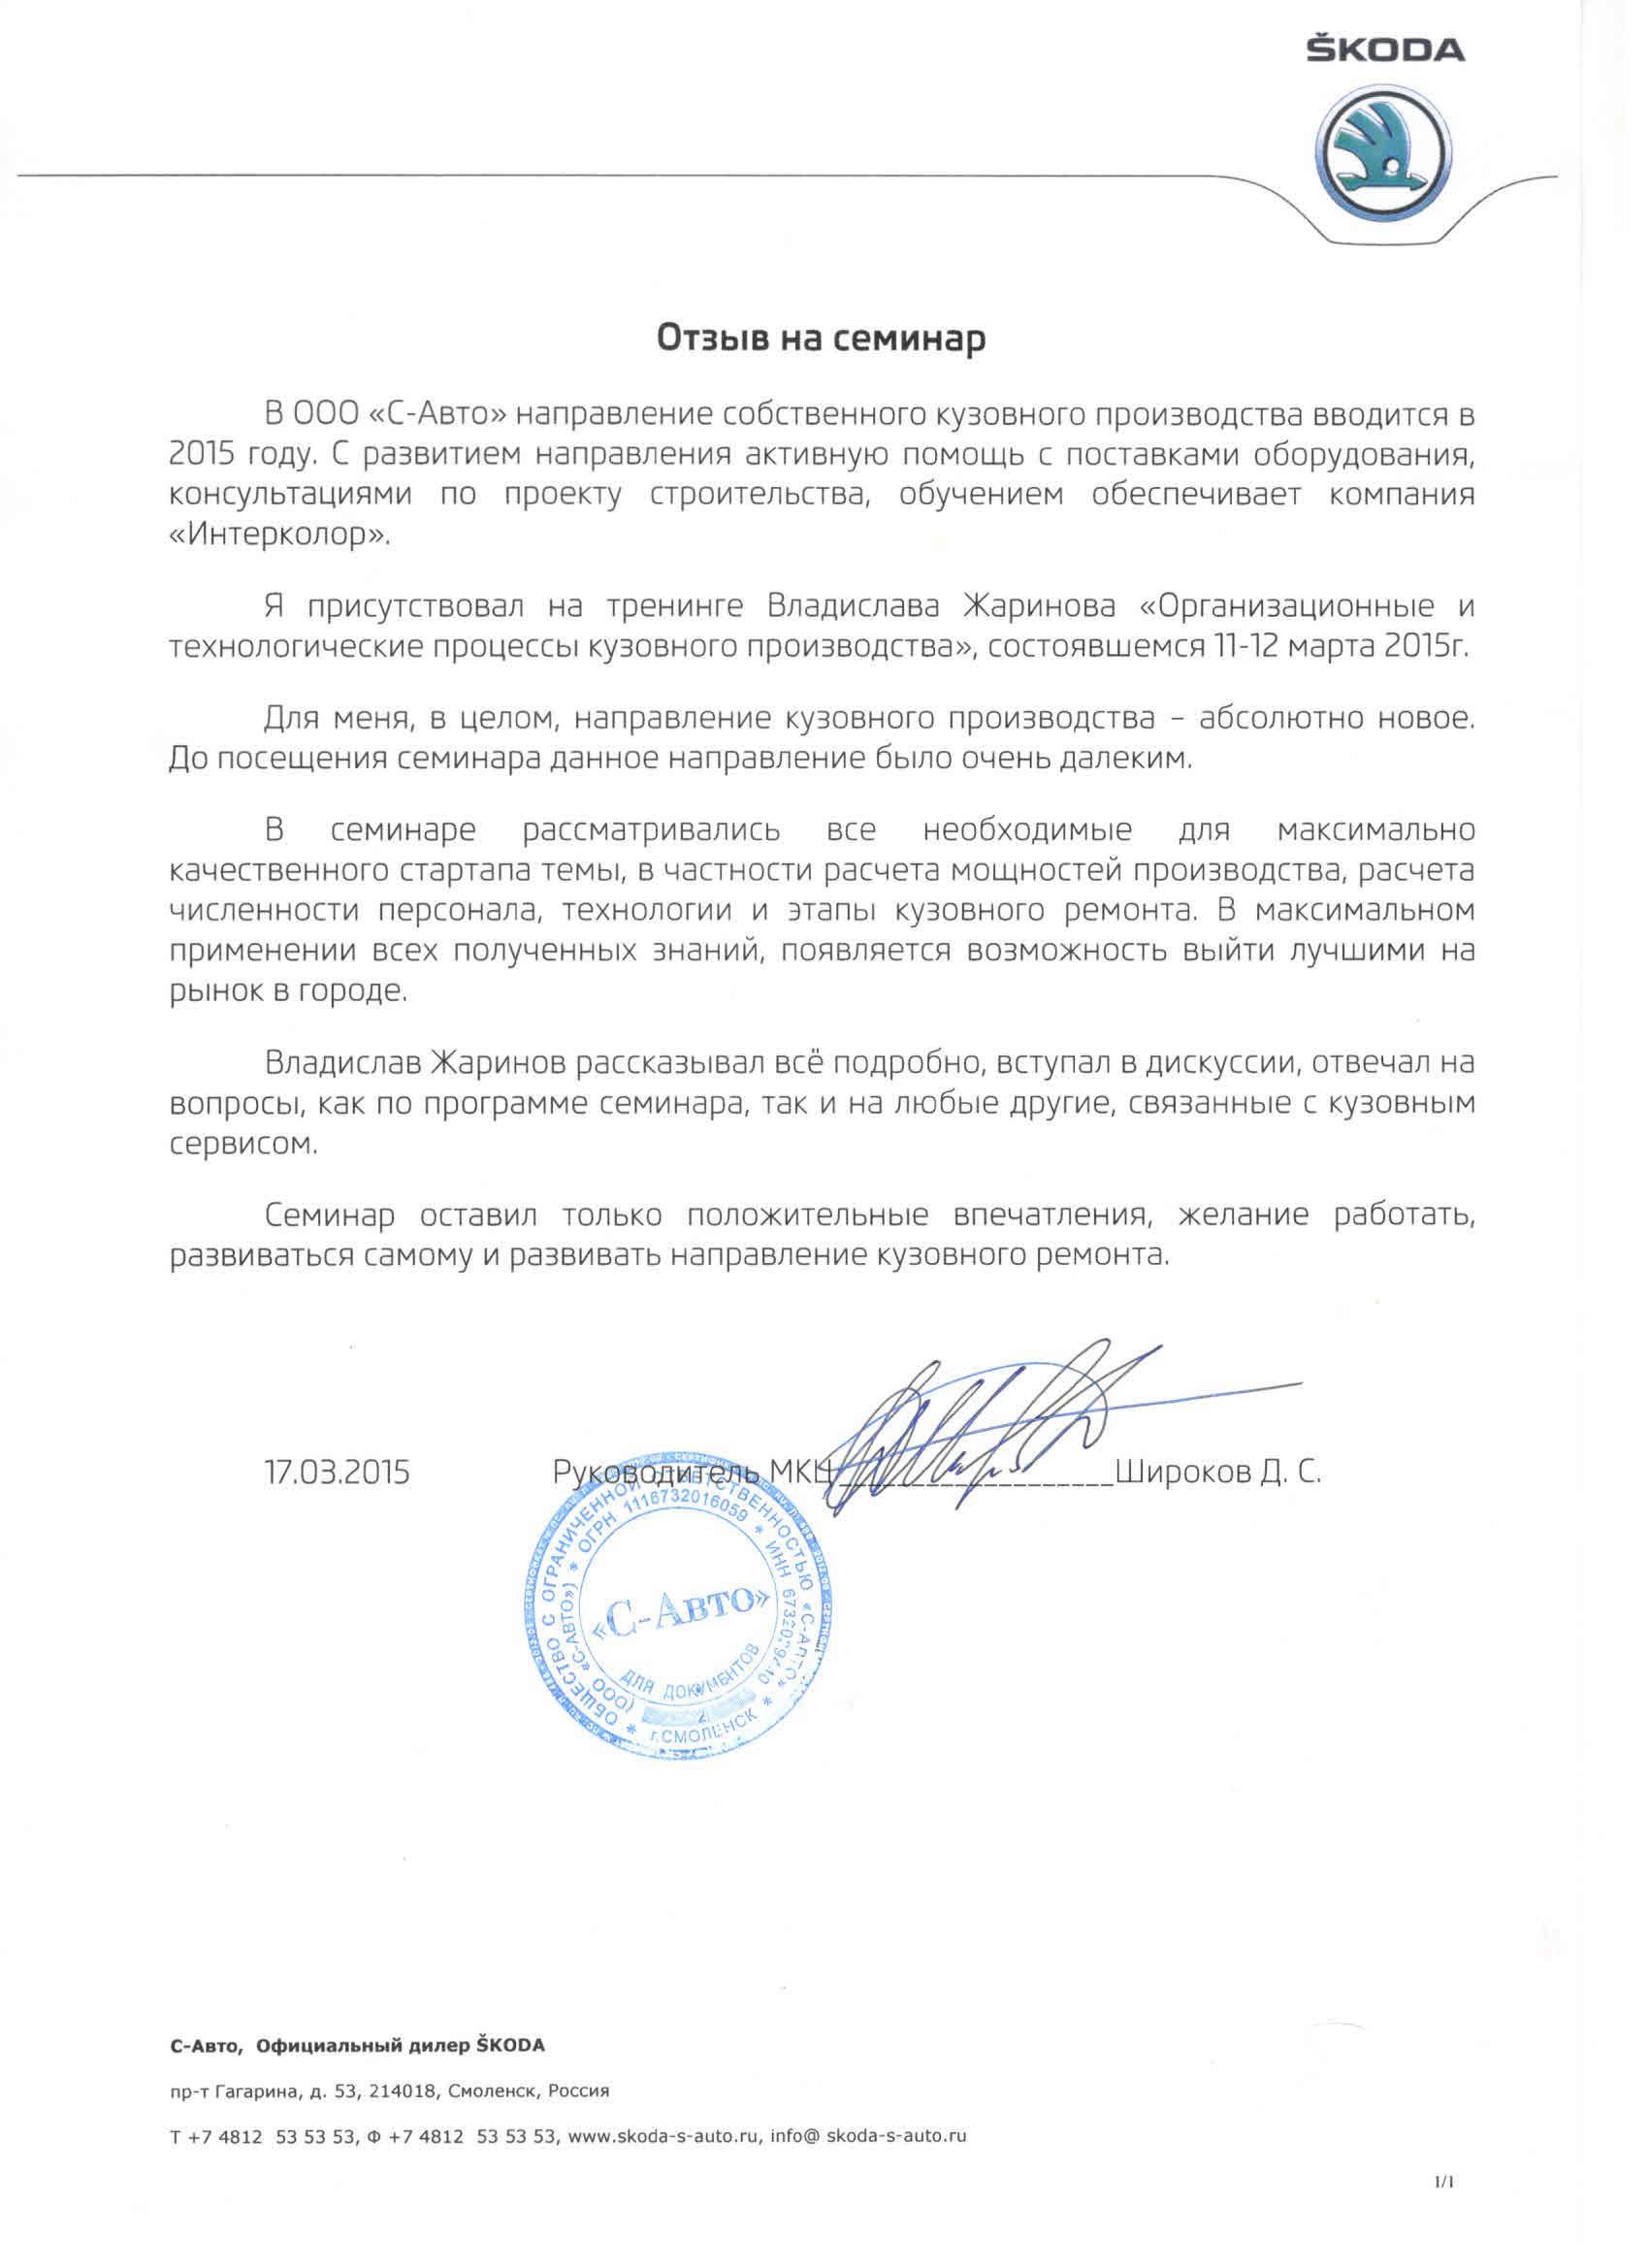 ООО С-Авто, г.Смоленск